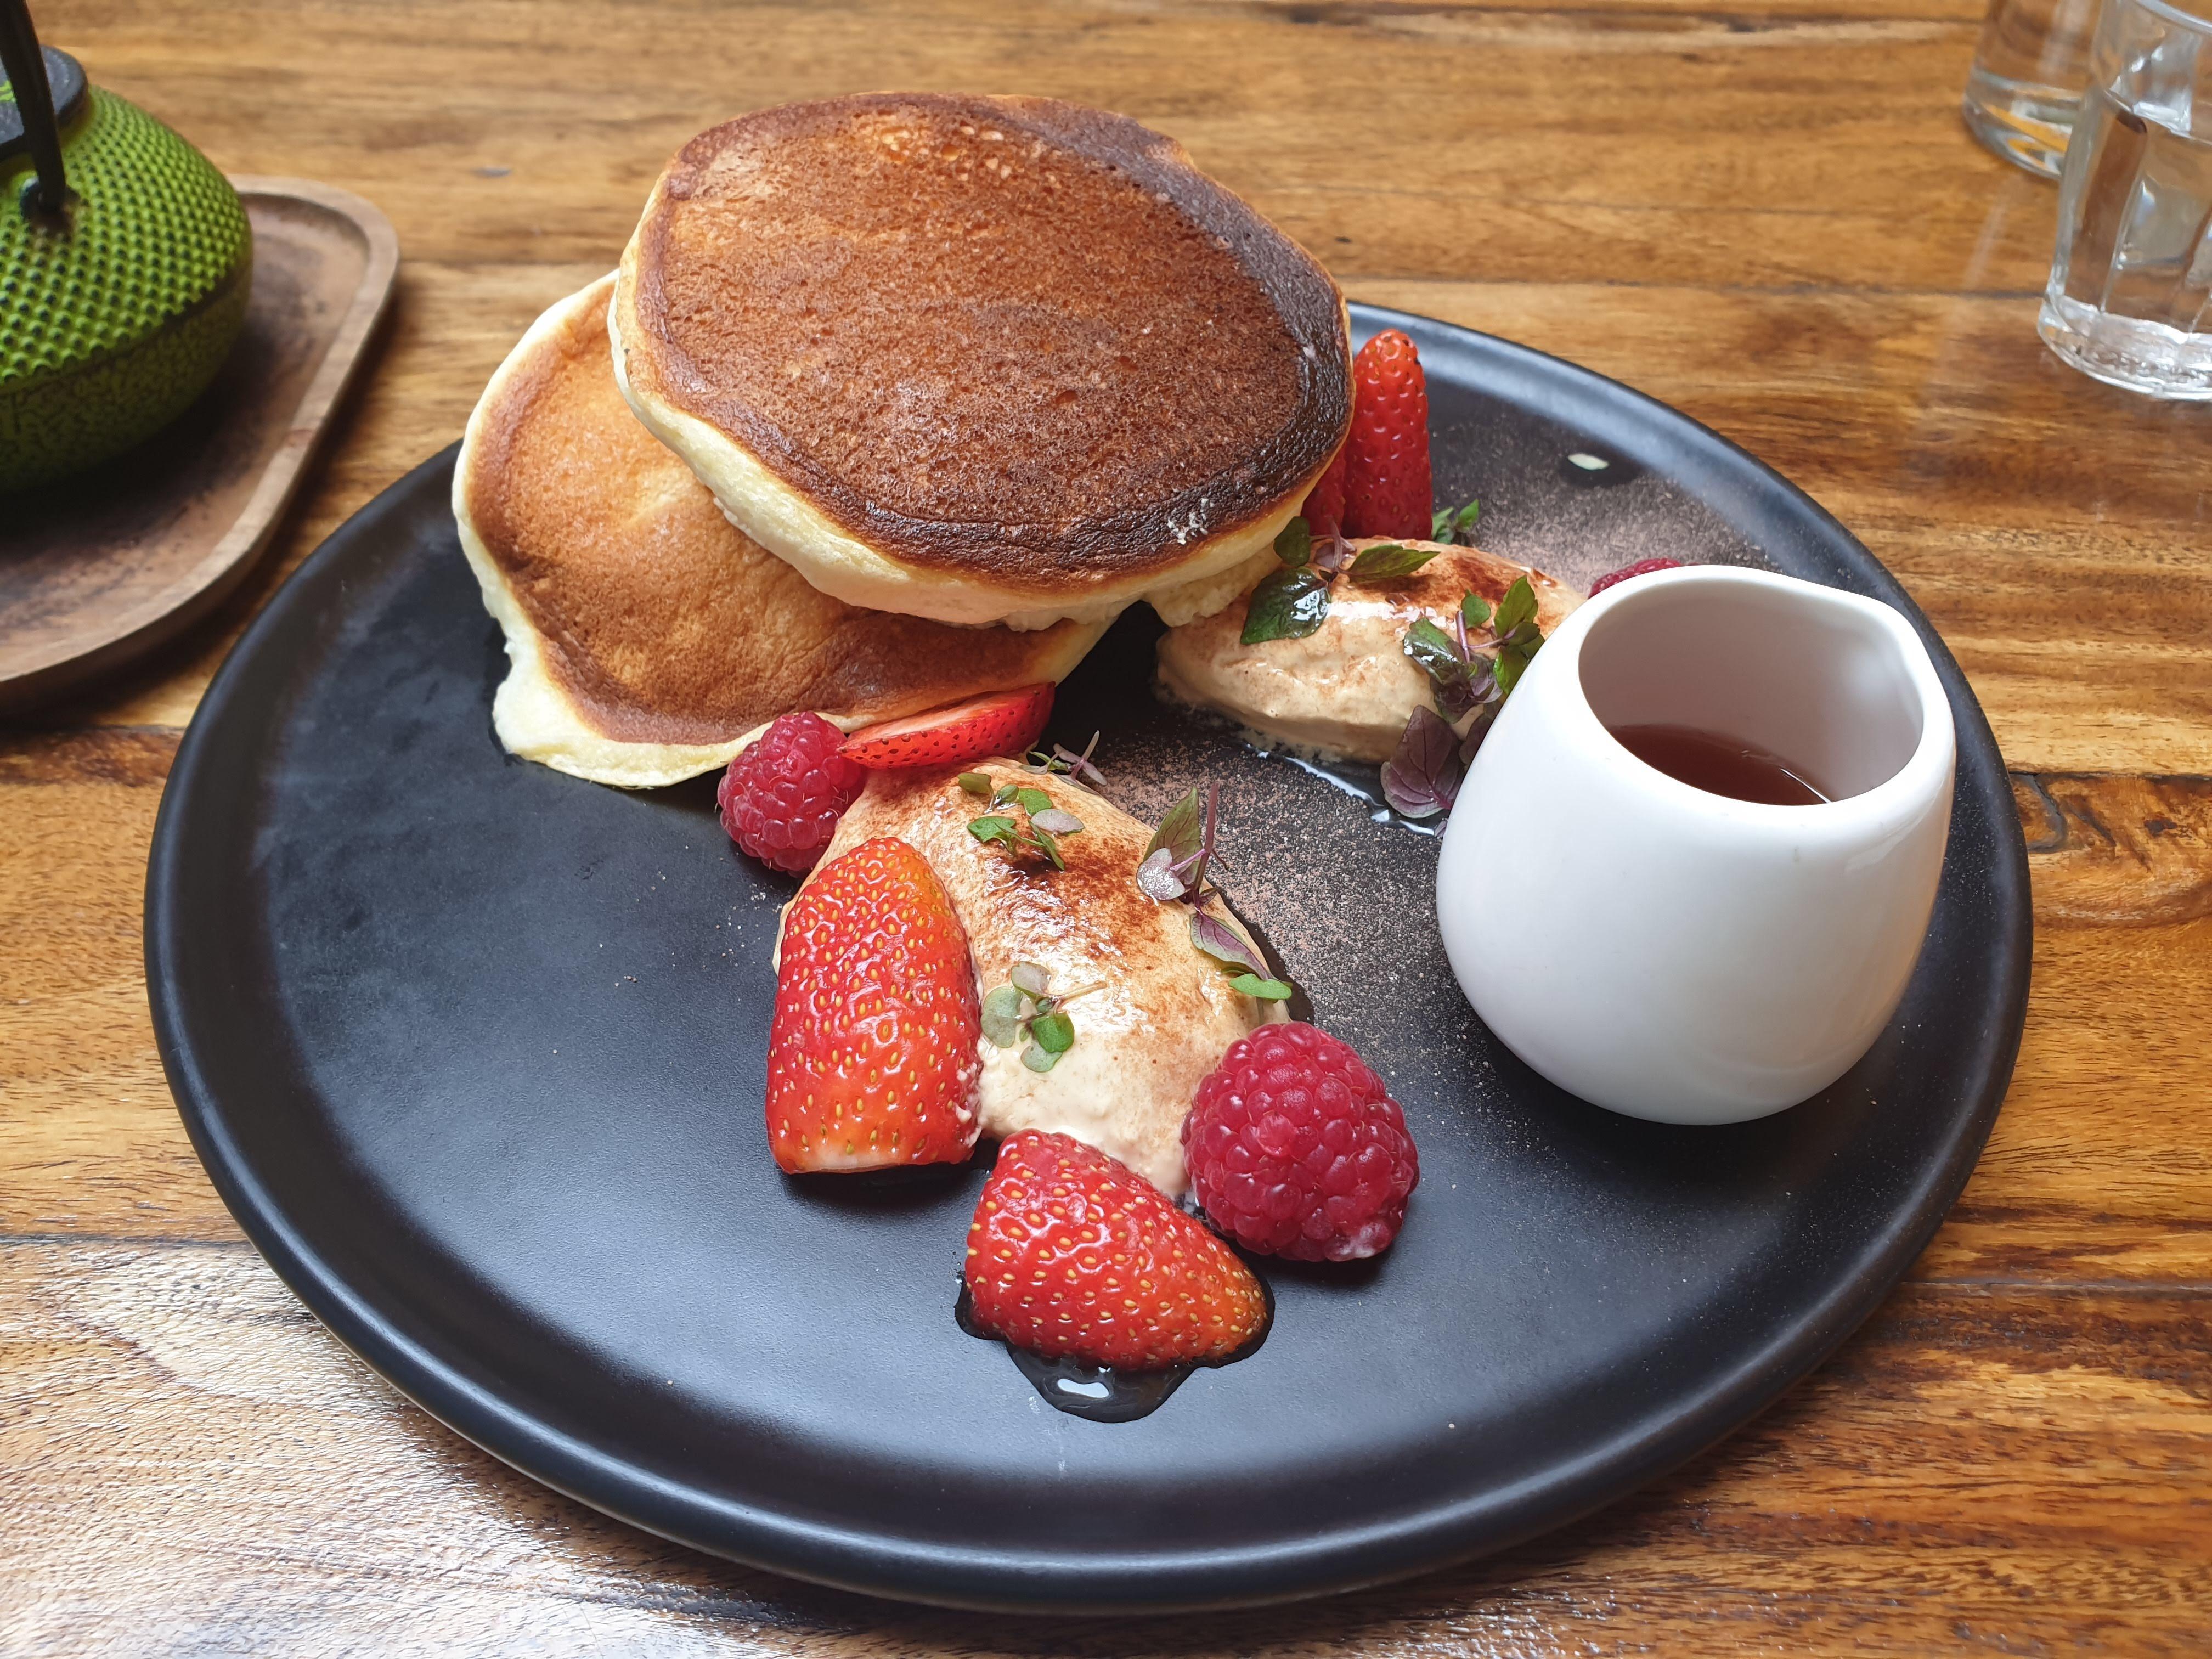 シドニー市内のおしゃれカフェ BLAO PIQ